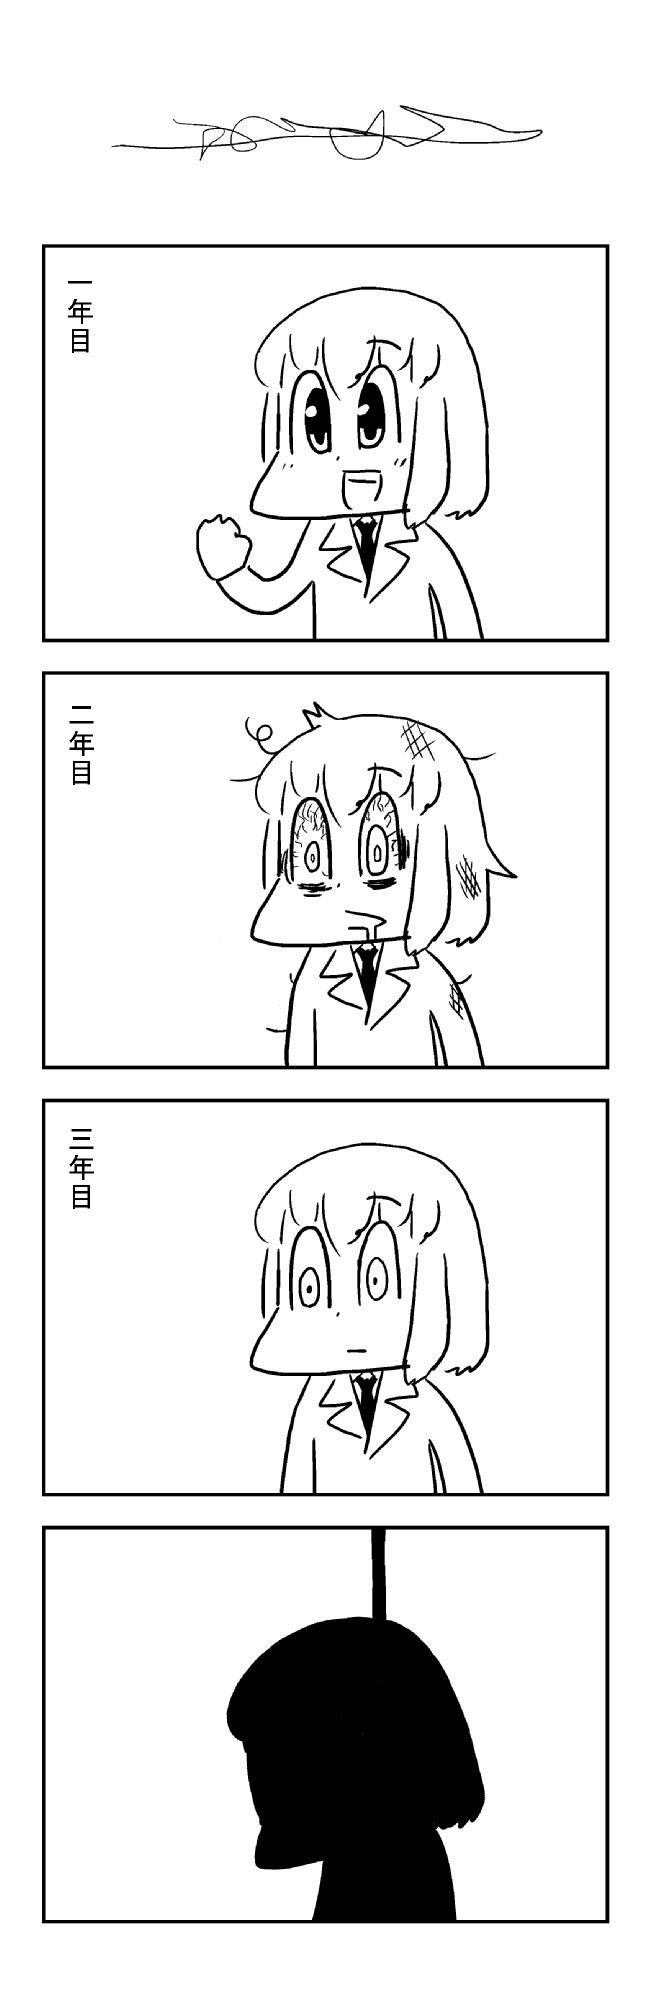 YNM4M7L